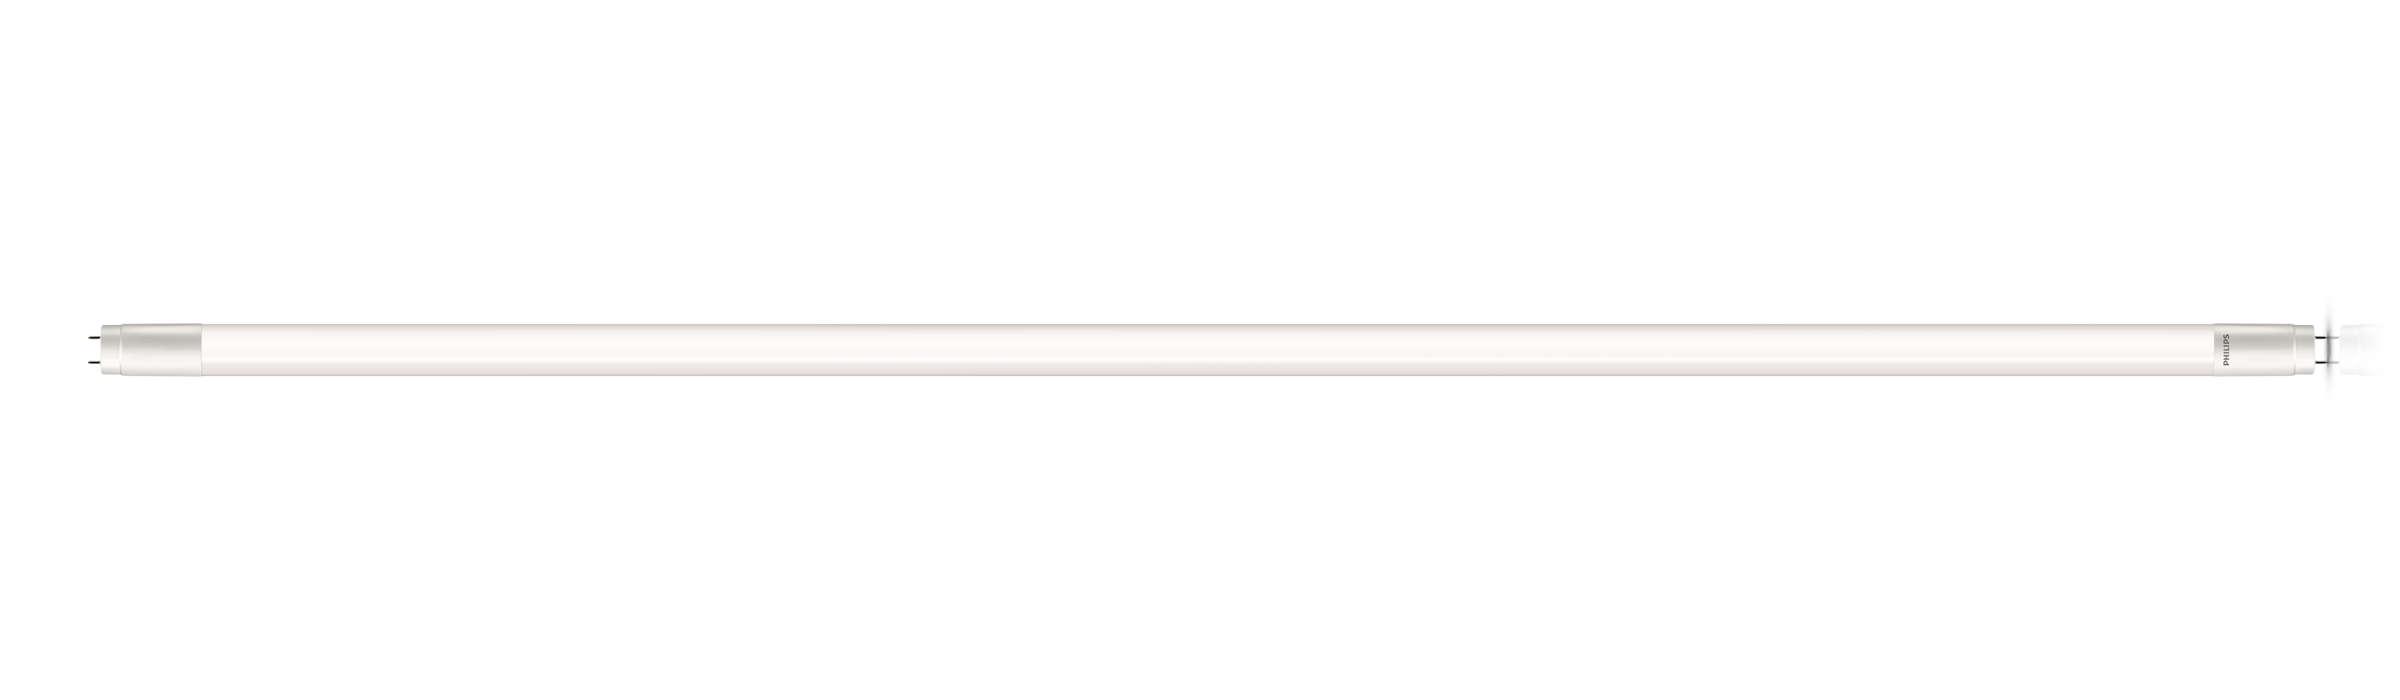 Mükemmel ışık kalitesiyle dayanıklı çalışma ortamı aydınlatması